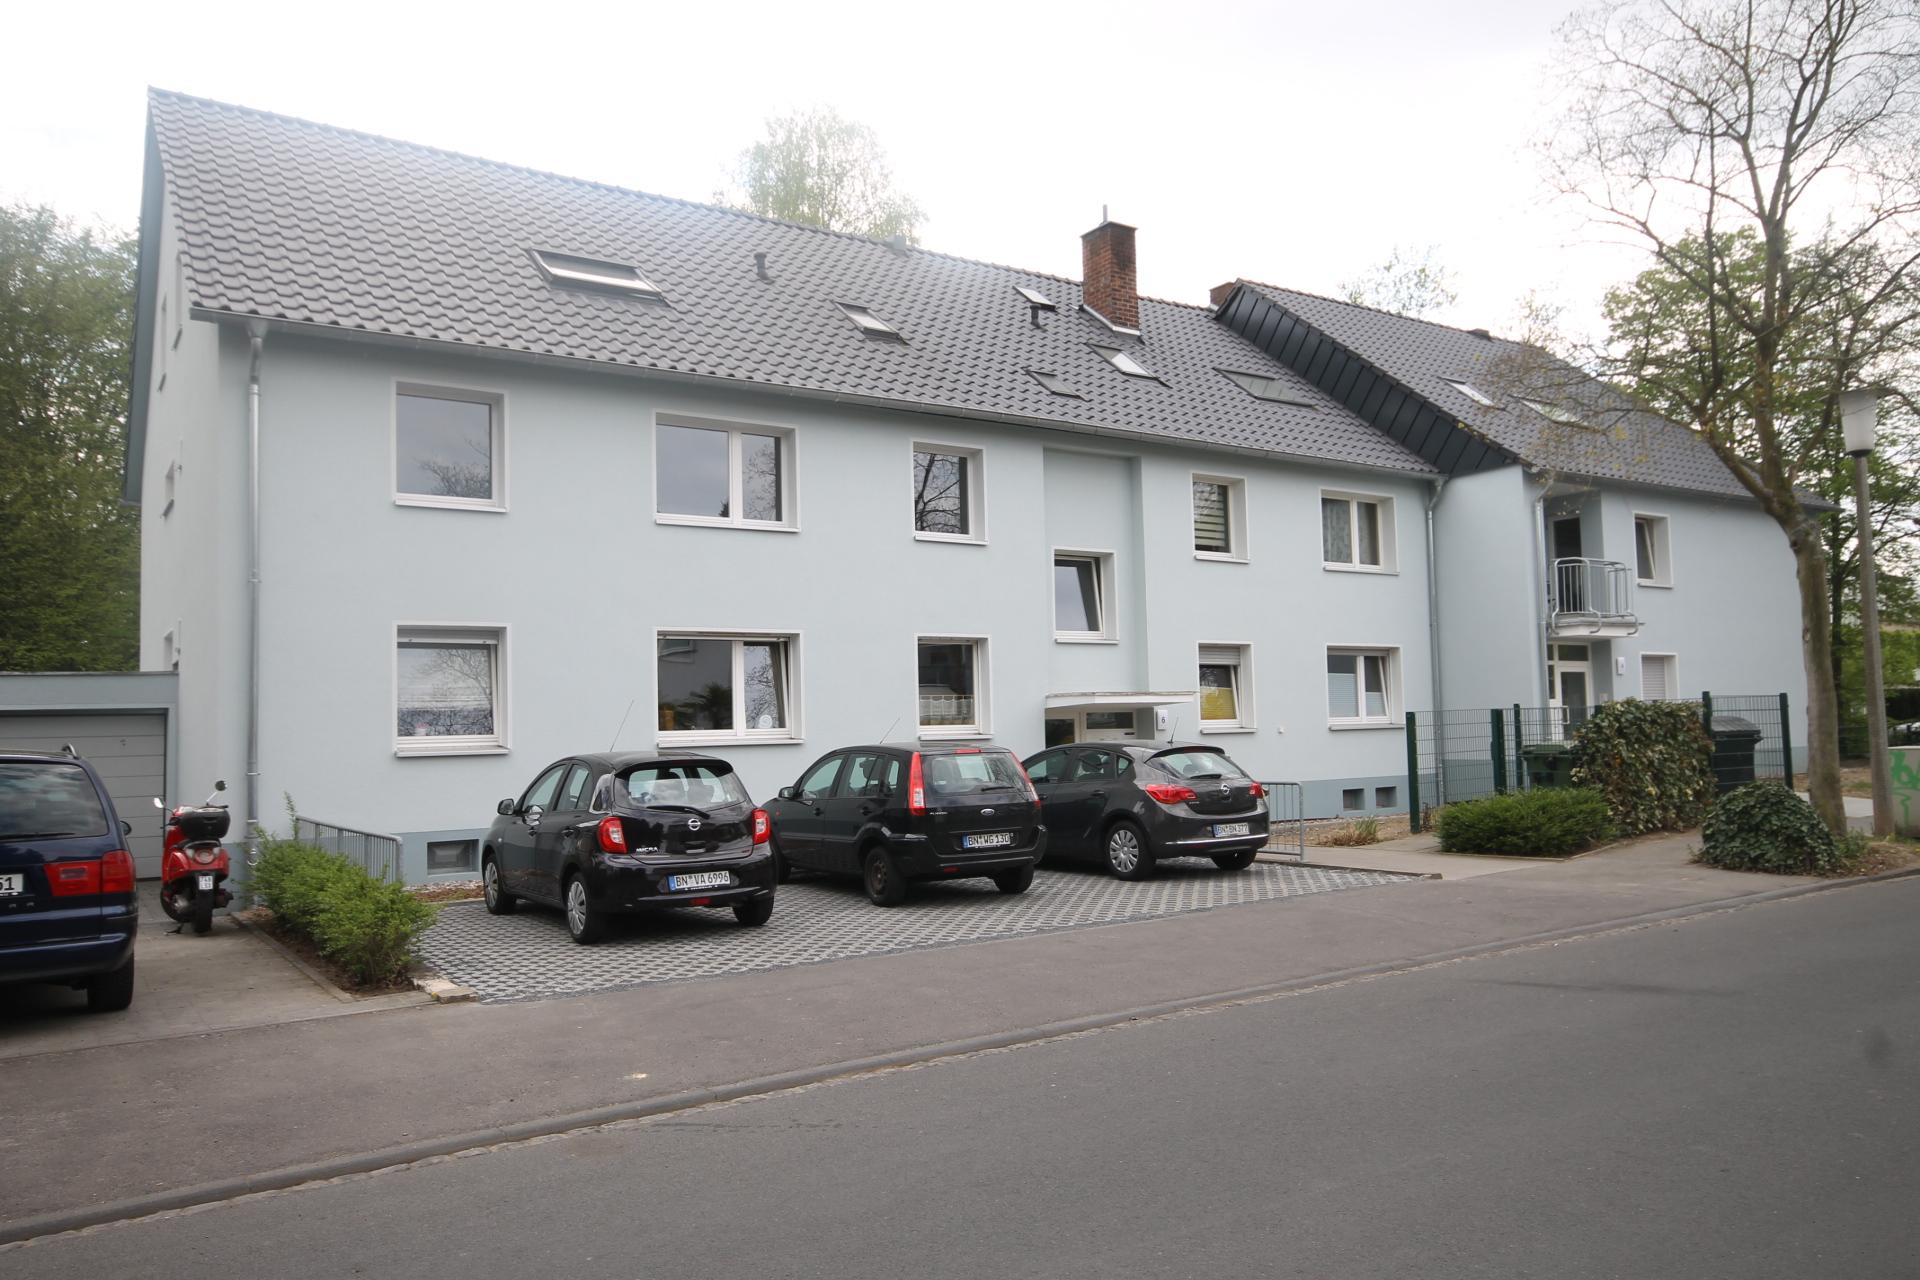 Mehrfamilienhaus mit Parkplätzen in Bonn